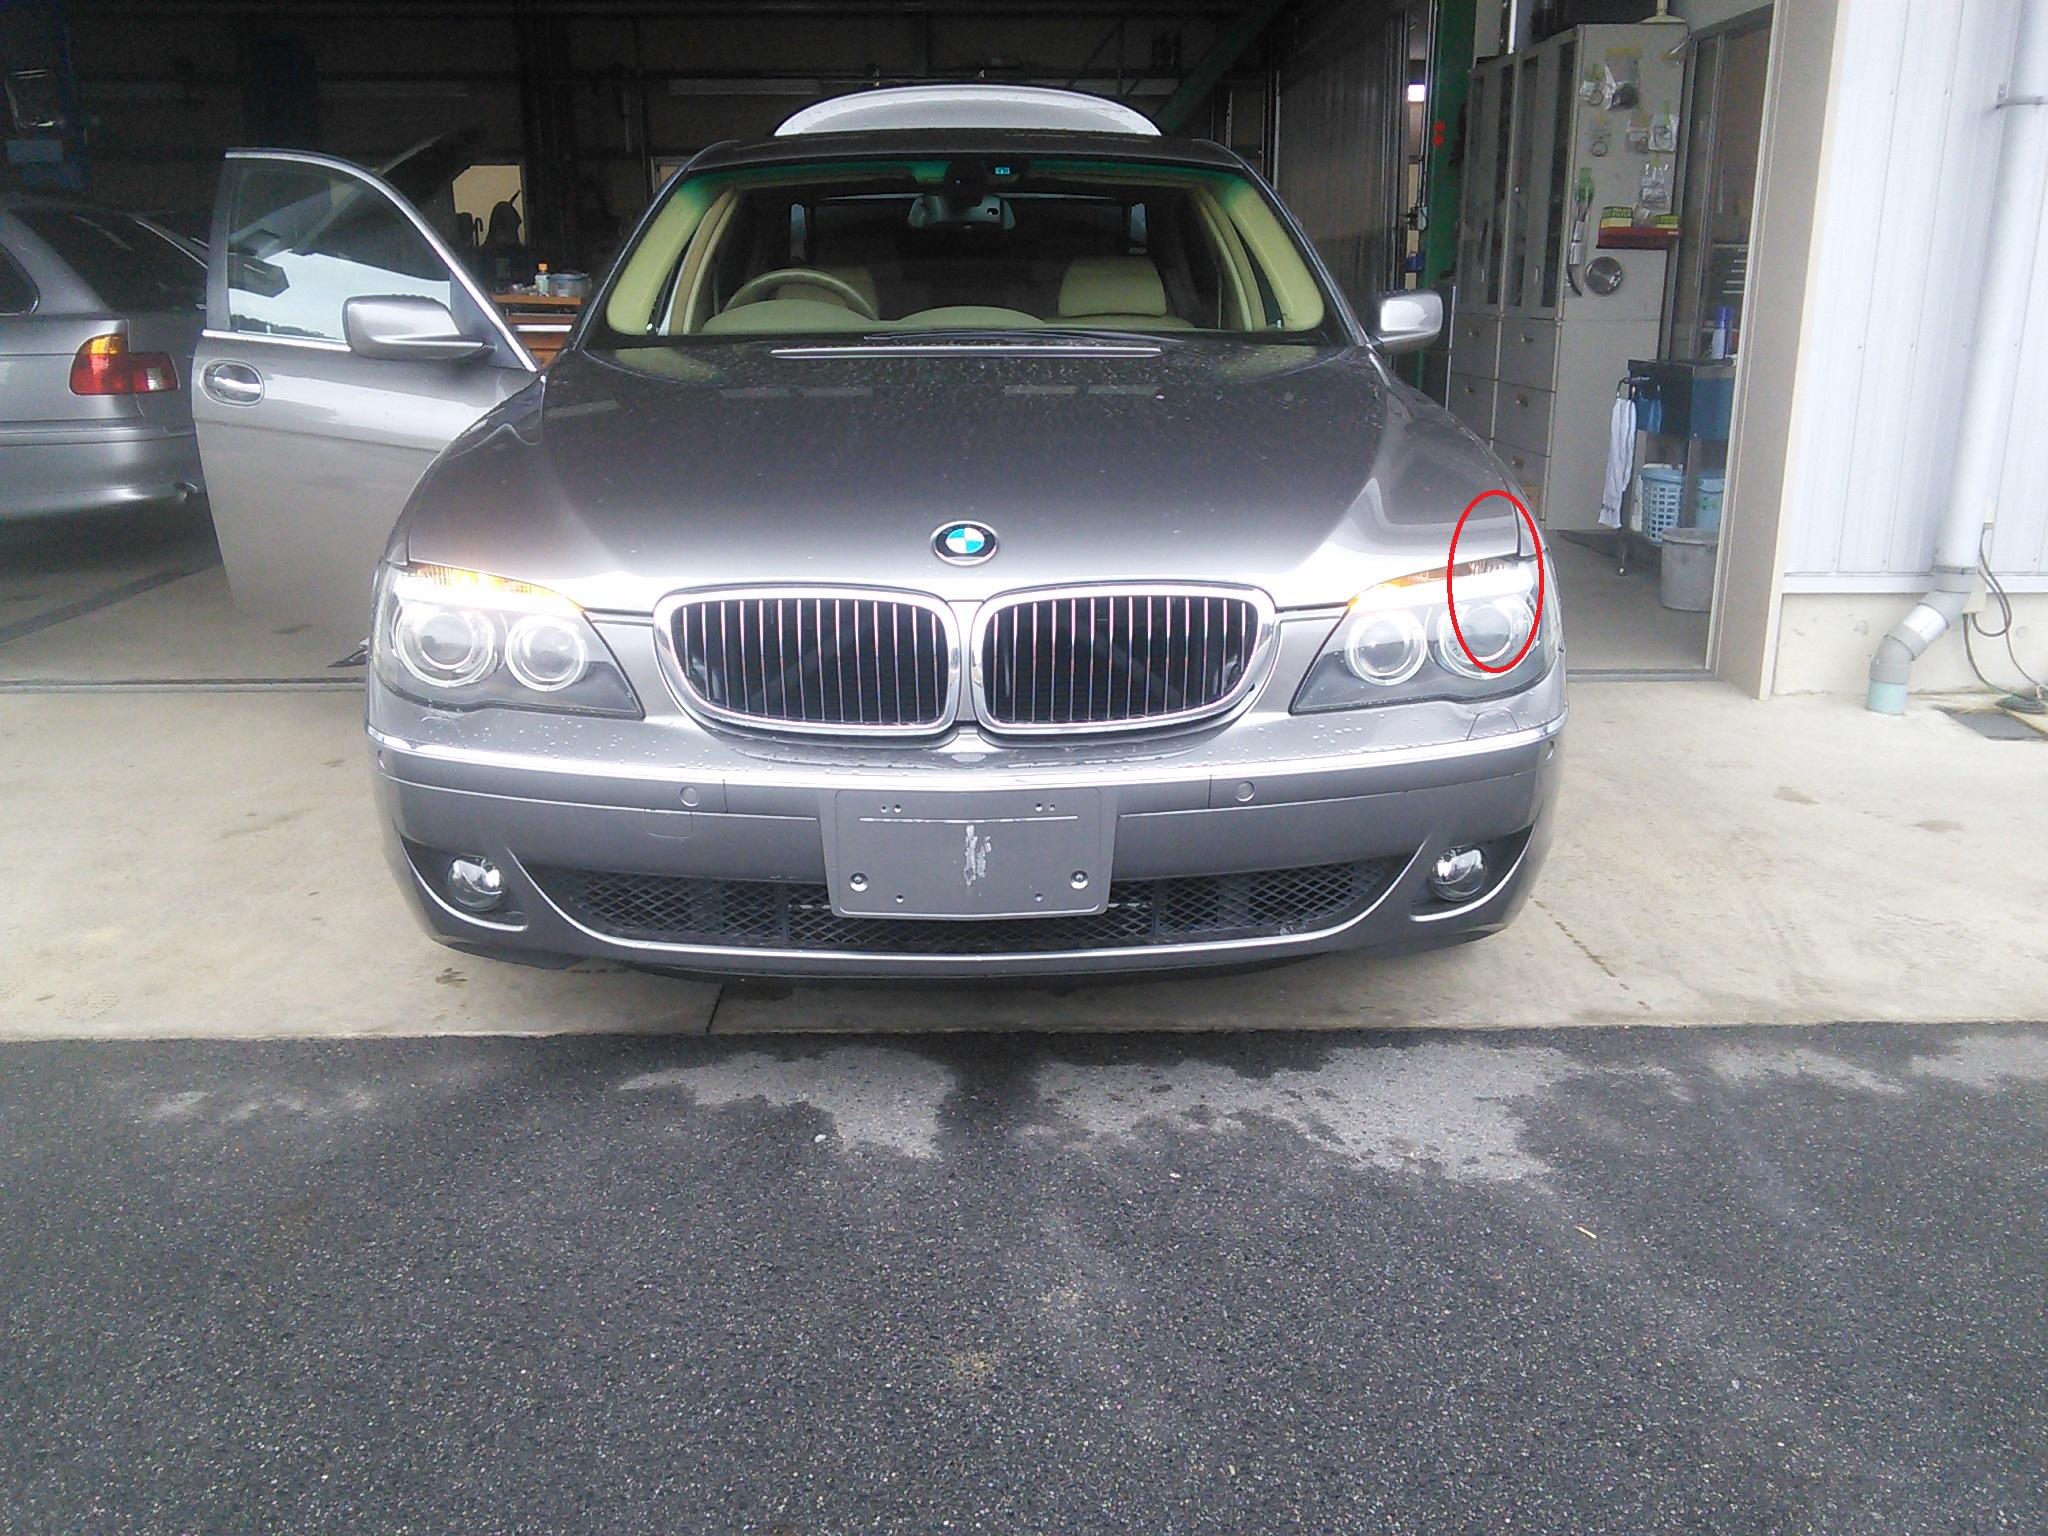 BMW 7シリーズ ウインカー点灯しない ライトモジュール故障